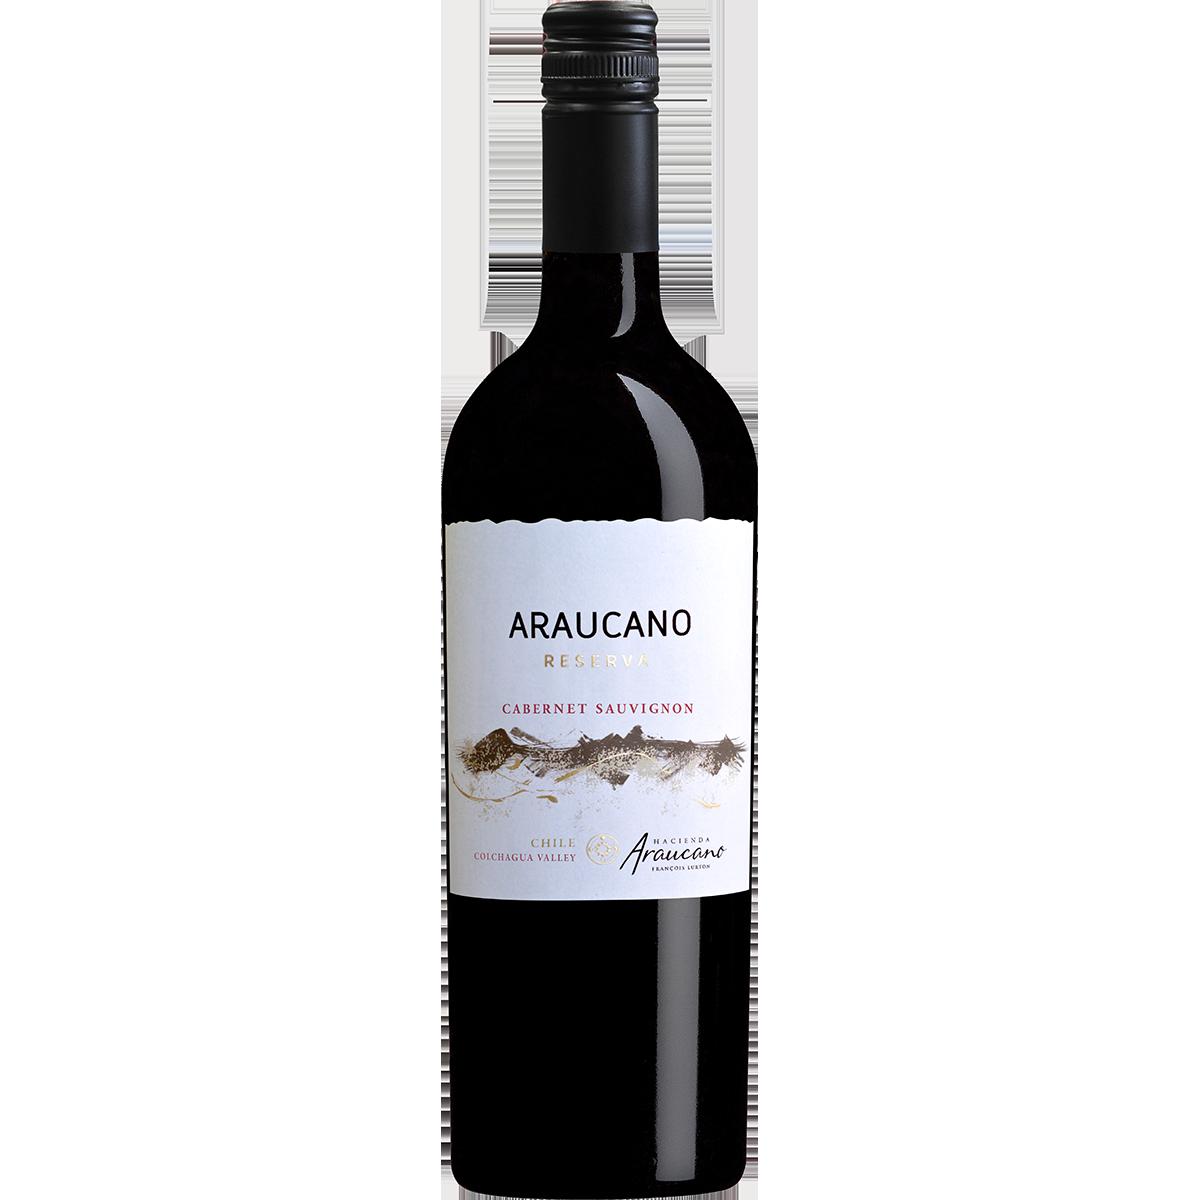 CHL1102 智利魯頓谷人莊園2013卡本內蘇維濃陳年紅酒 Hacienda Araucano Reserva Cabernet Sauvignon, Colchagua Valley (750ML)